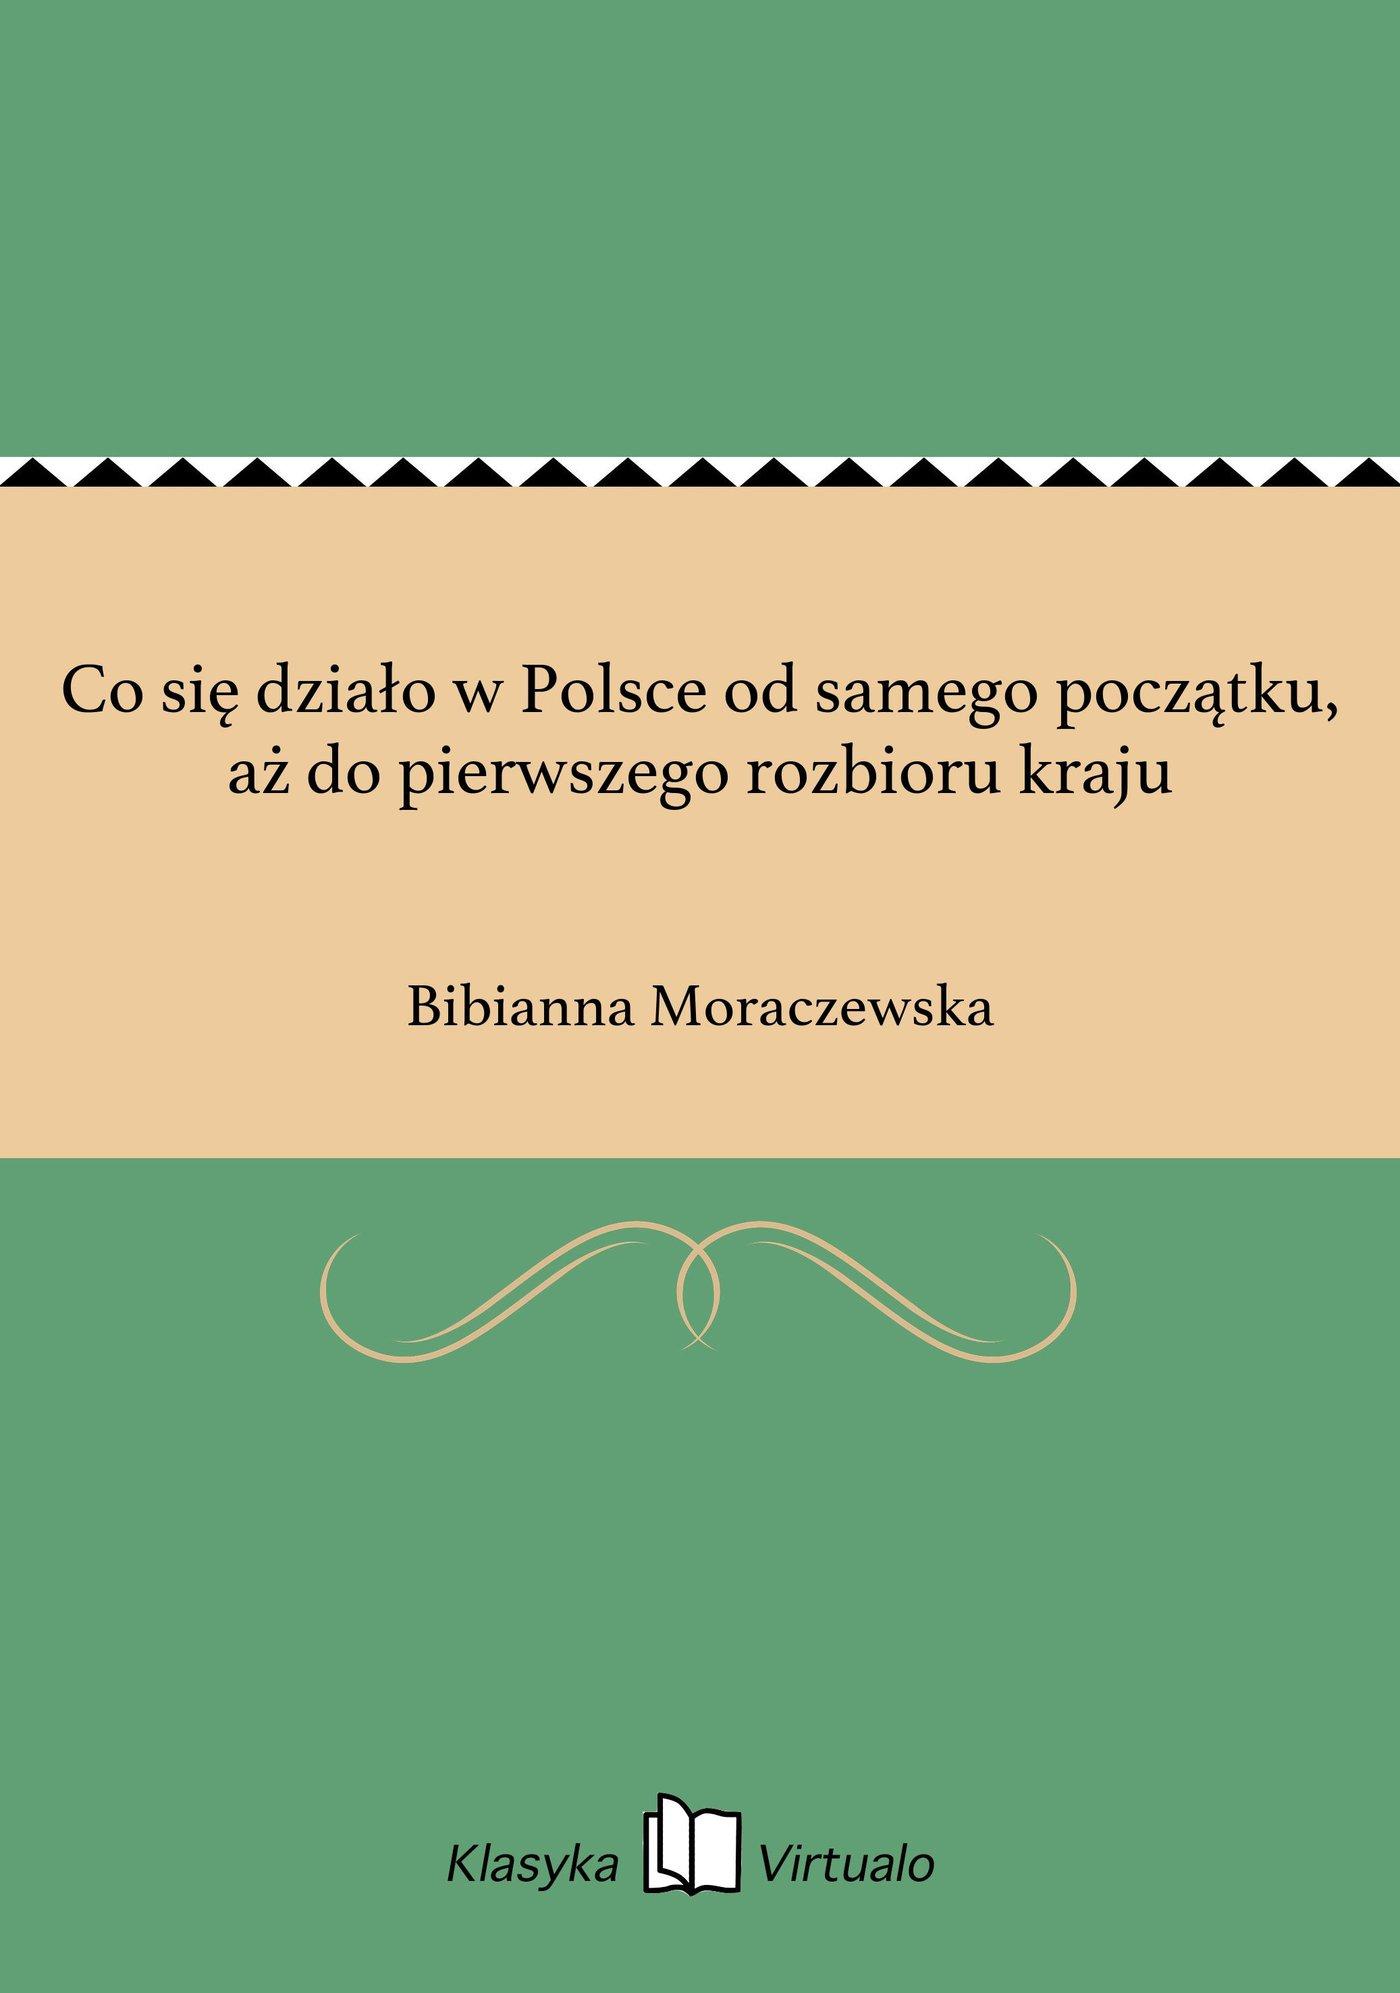 Co się działo w Polsce od samego początku, aż do pierwszego rozbioru kraju - Ebook (Książka na Kindle) do pobrania w formacie MOBI